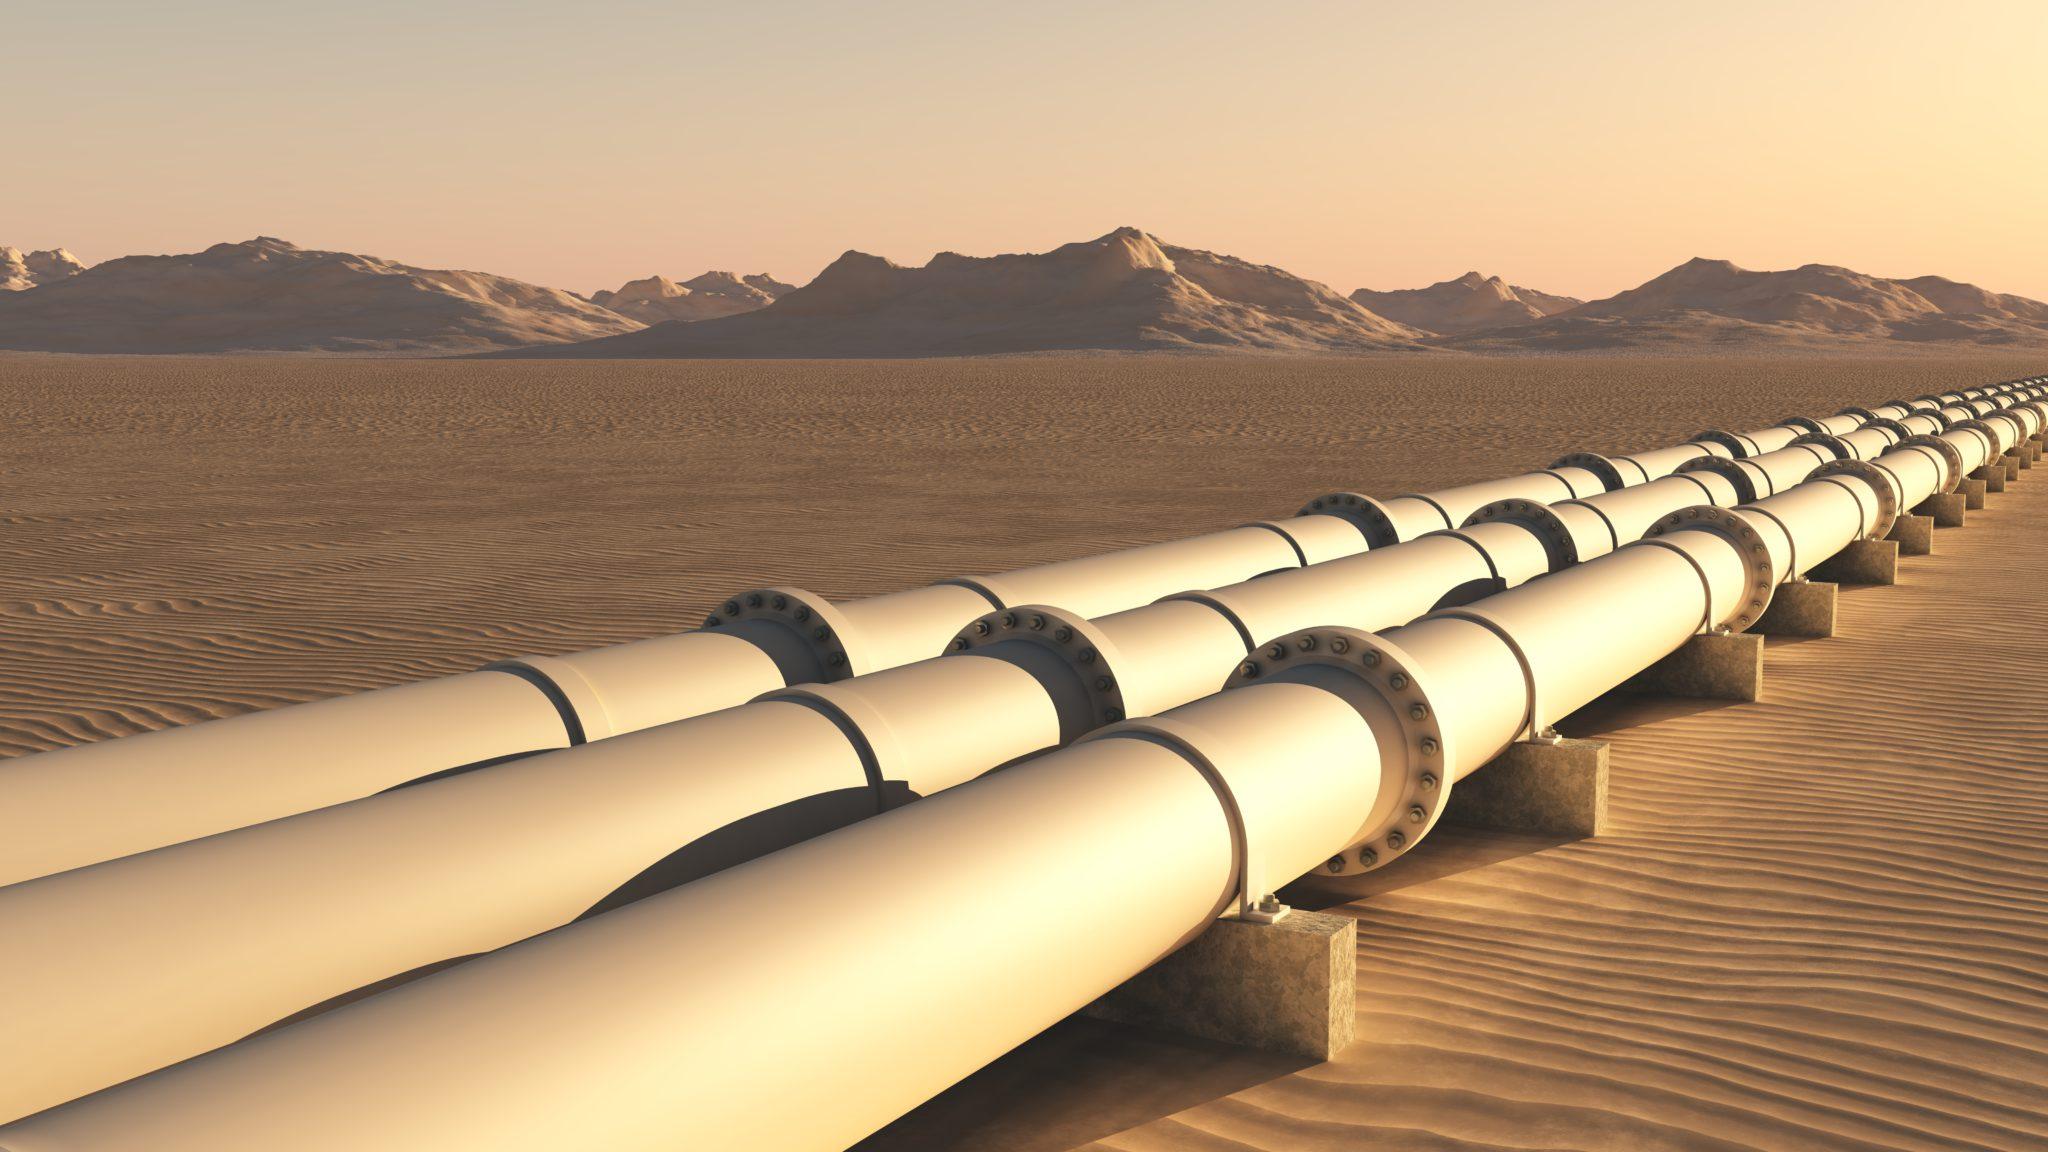 Газопровод через Афганистан: реальный проект или фантазия?